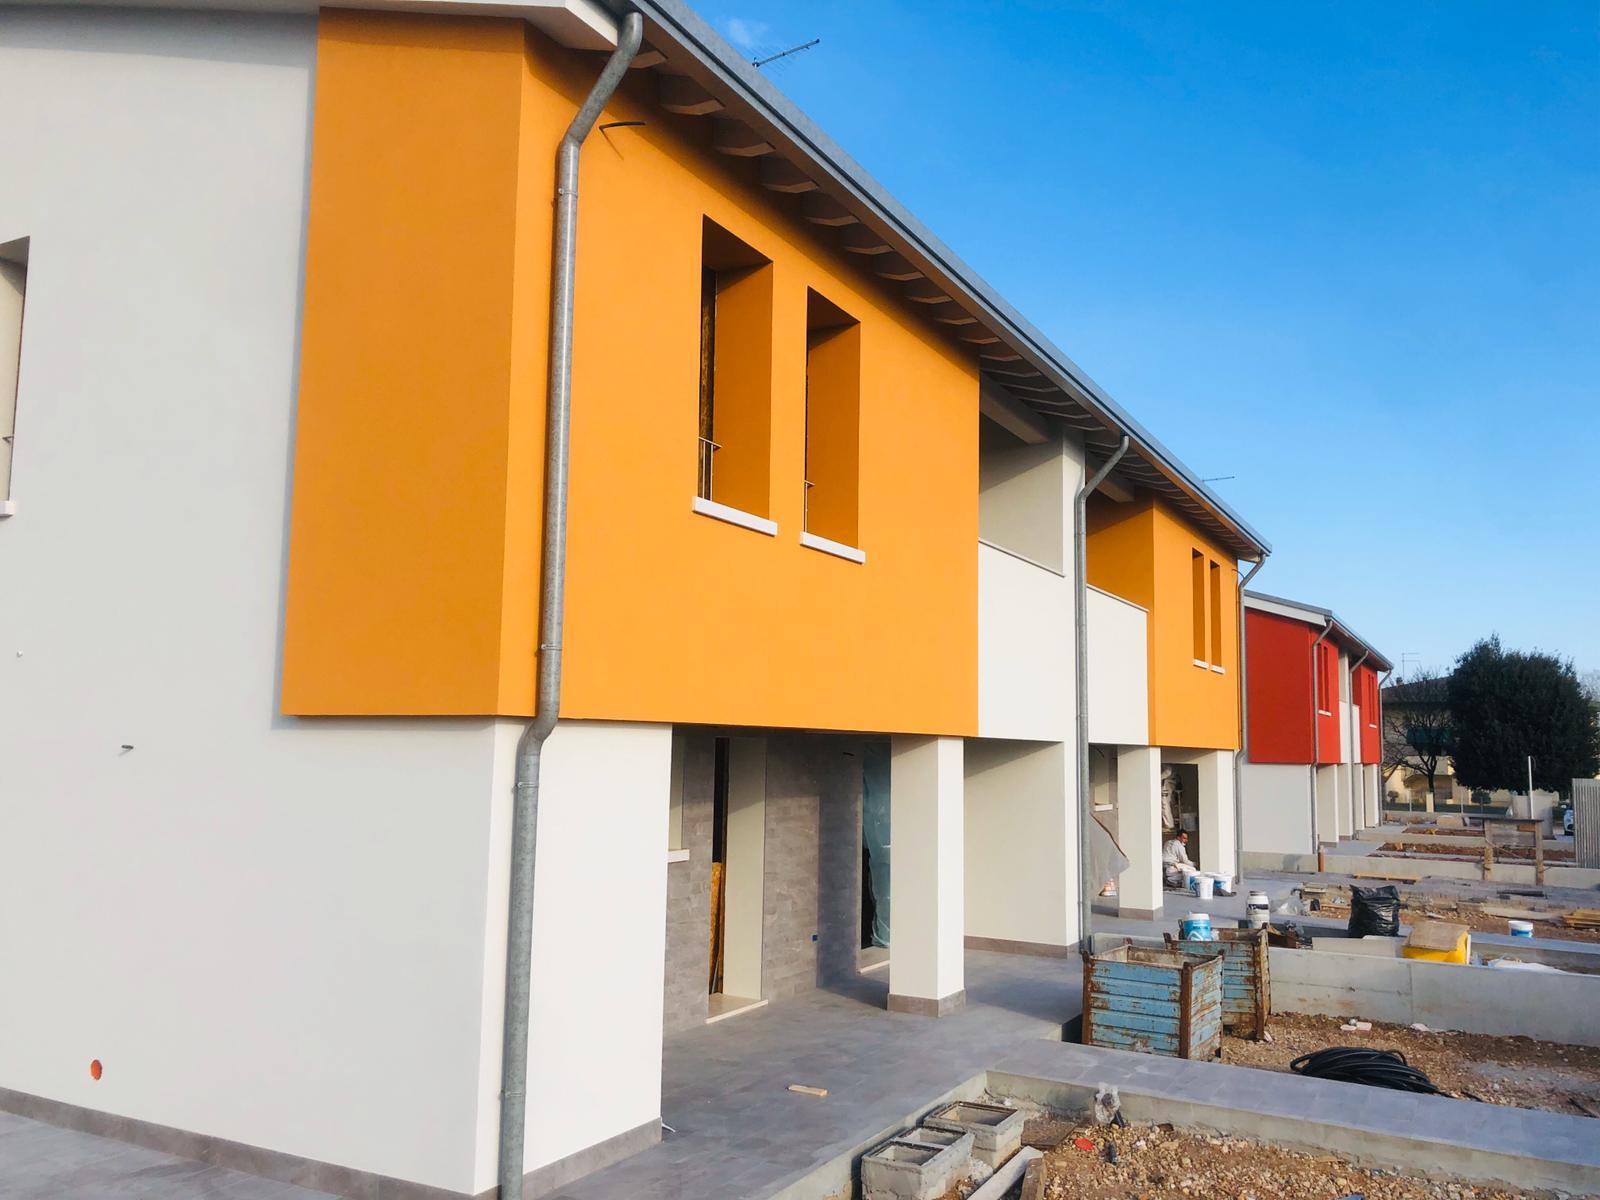 Lavorazioni edili Treviso